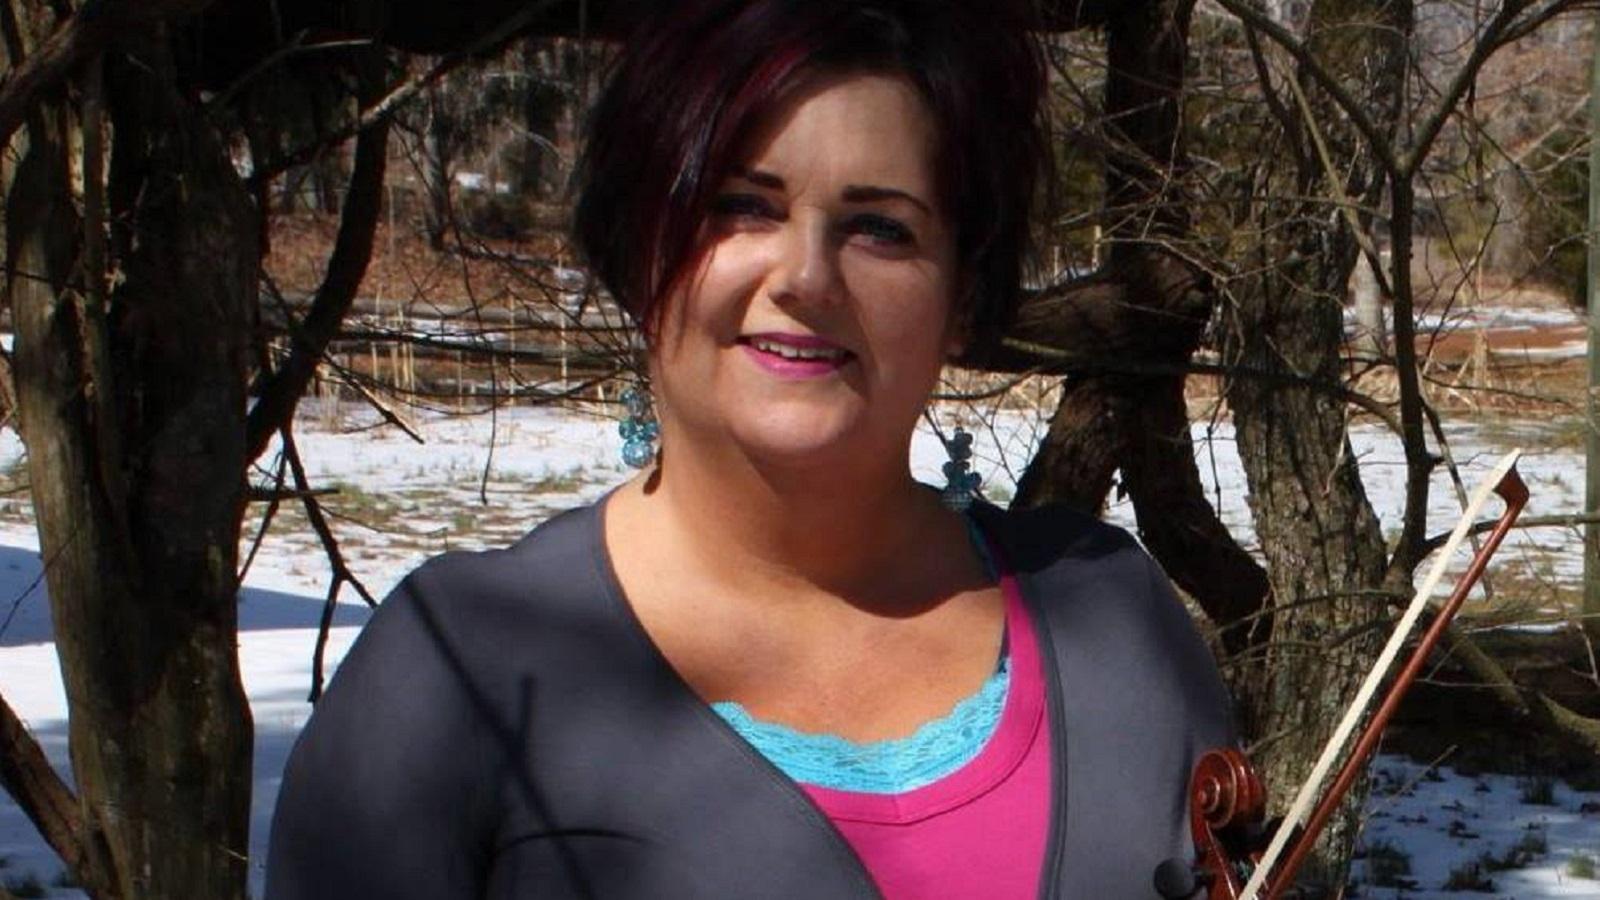 Nikki Osborne Erotic photos Maria Dizzia,Ketty Lester